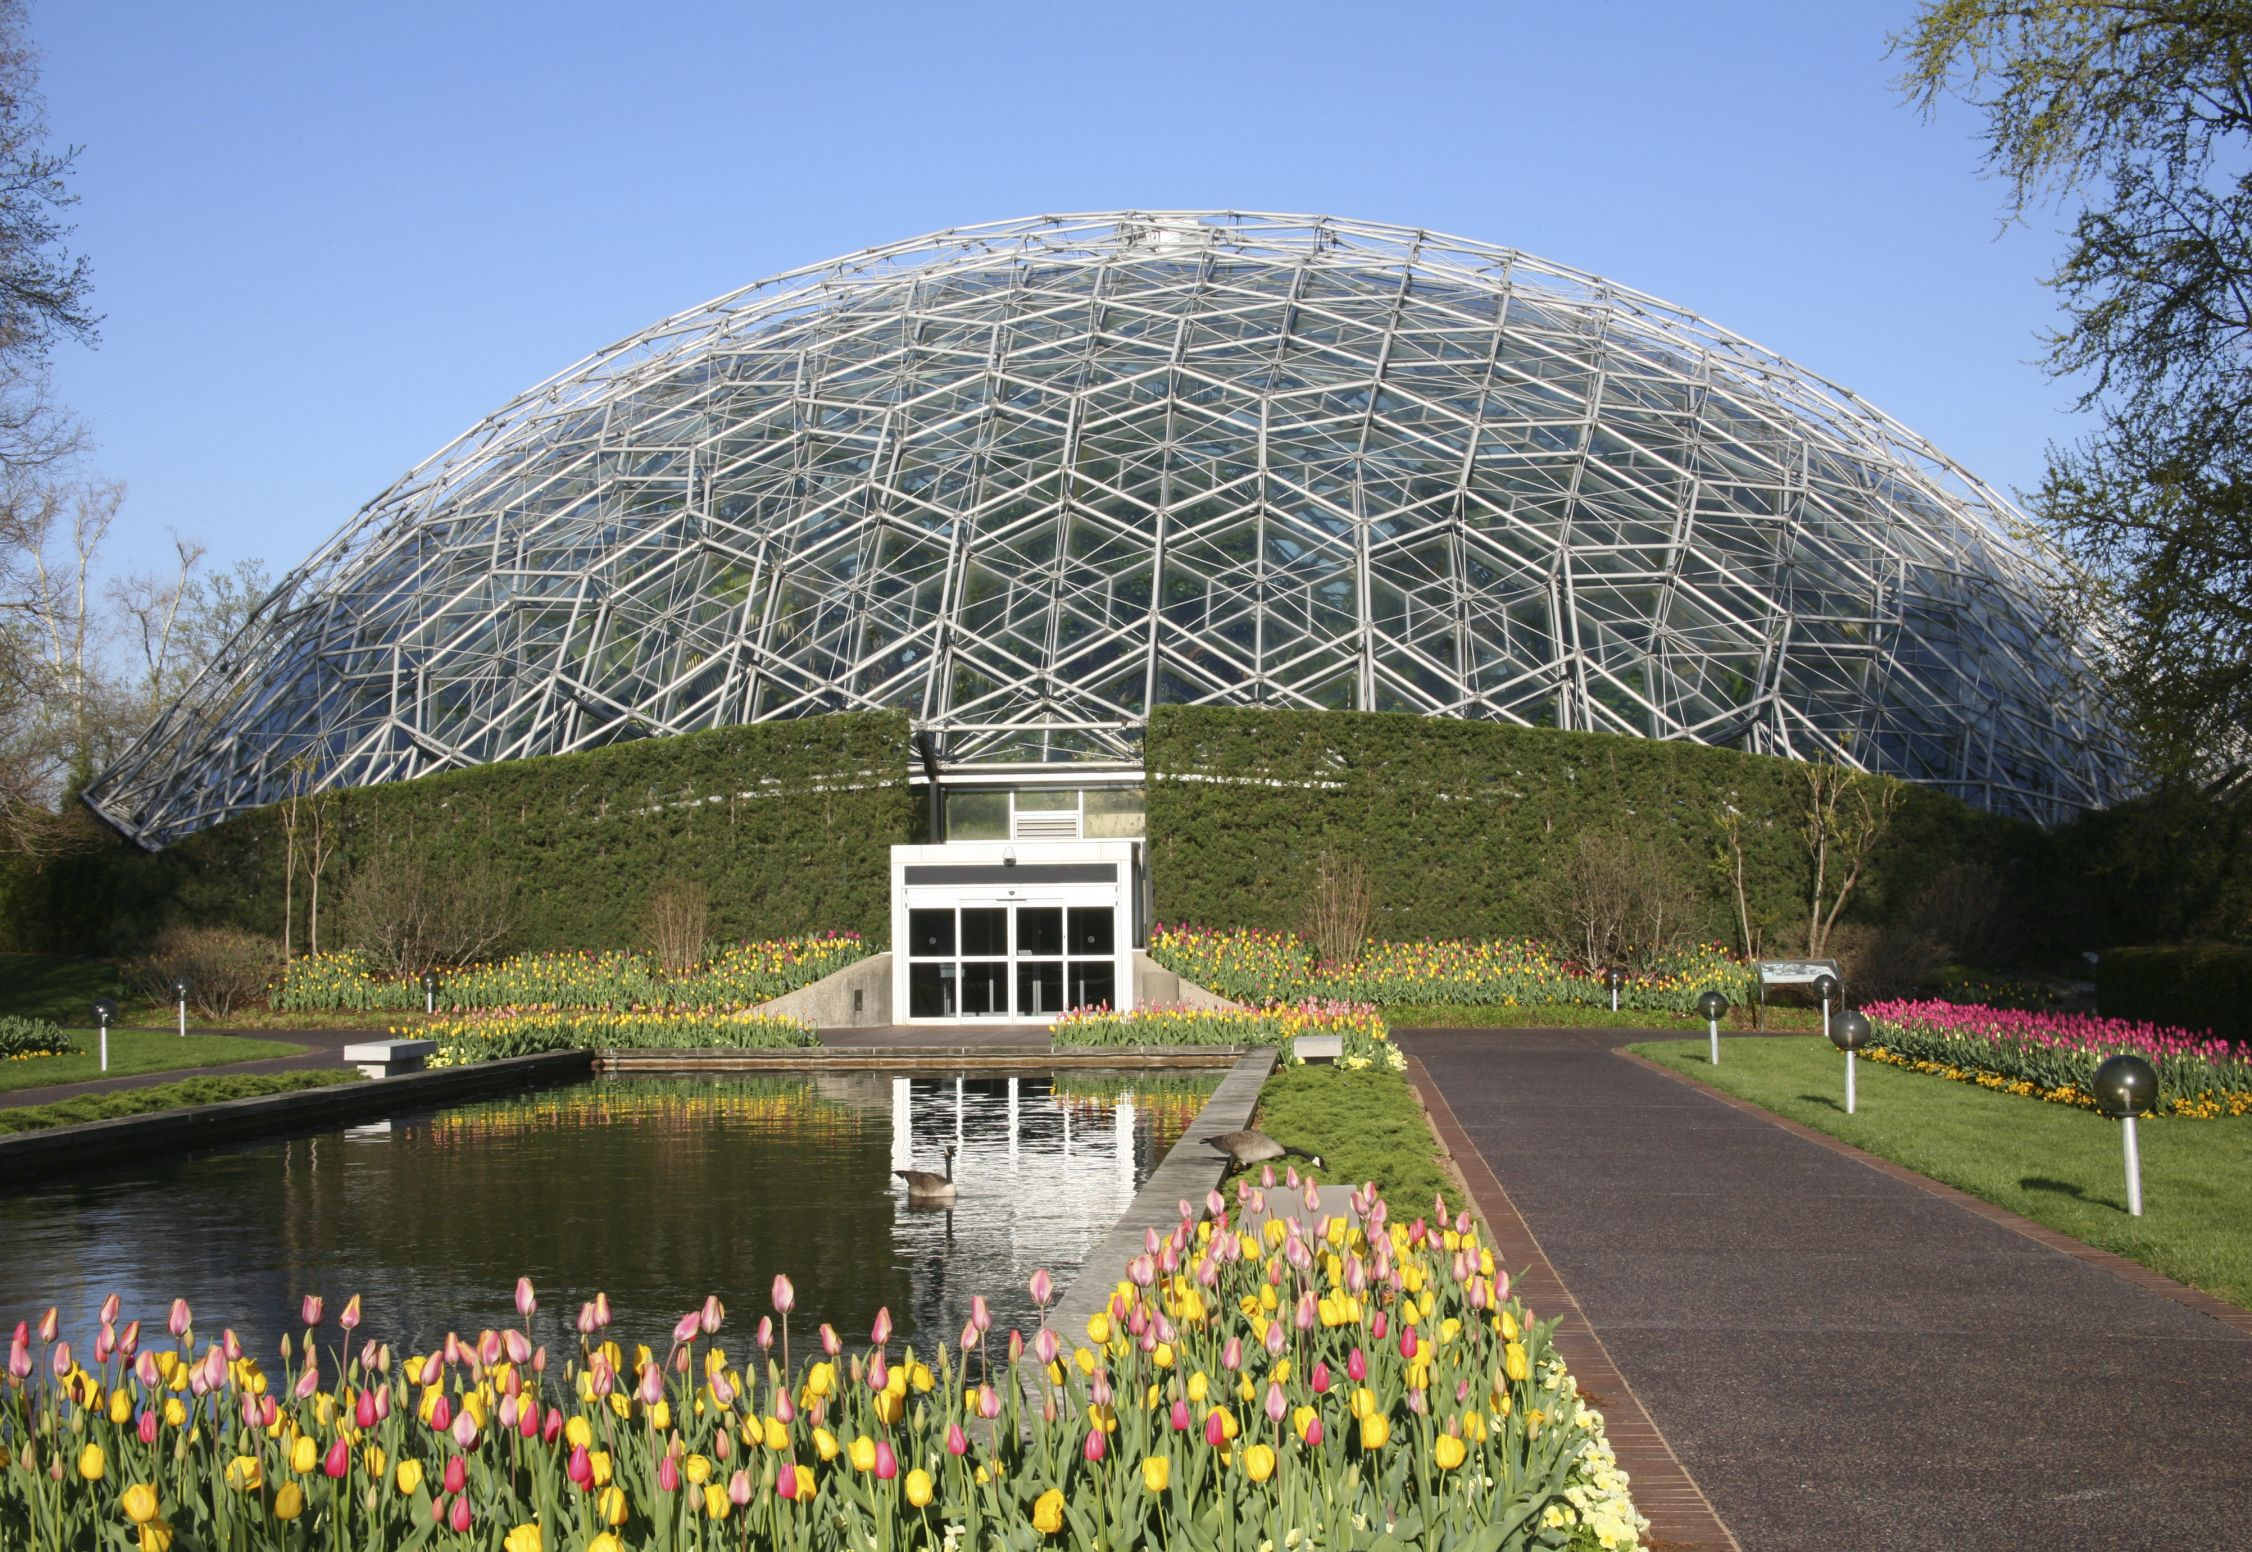 65524c3becc0a476565fa41110593afe - Light Show Botanical Gardens St Louis